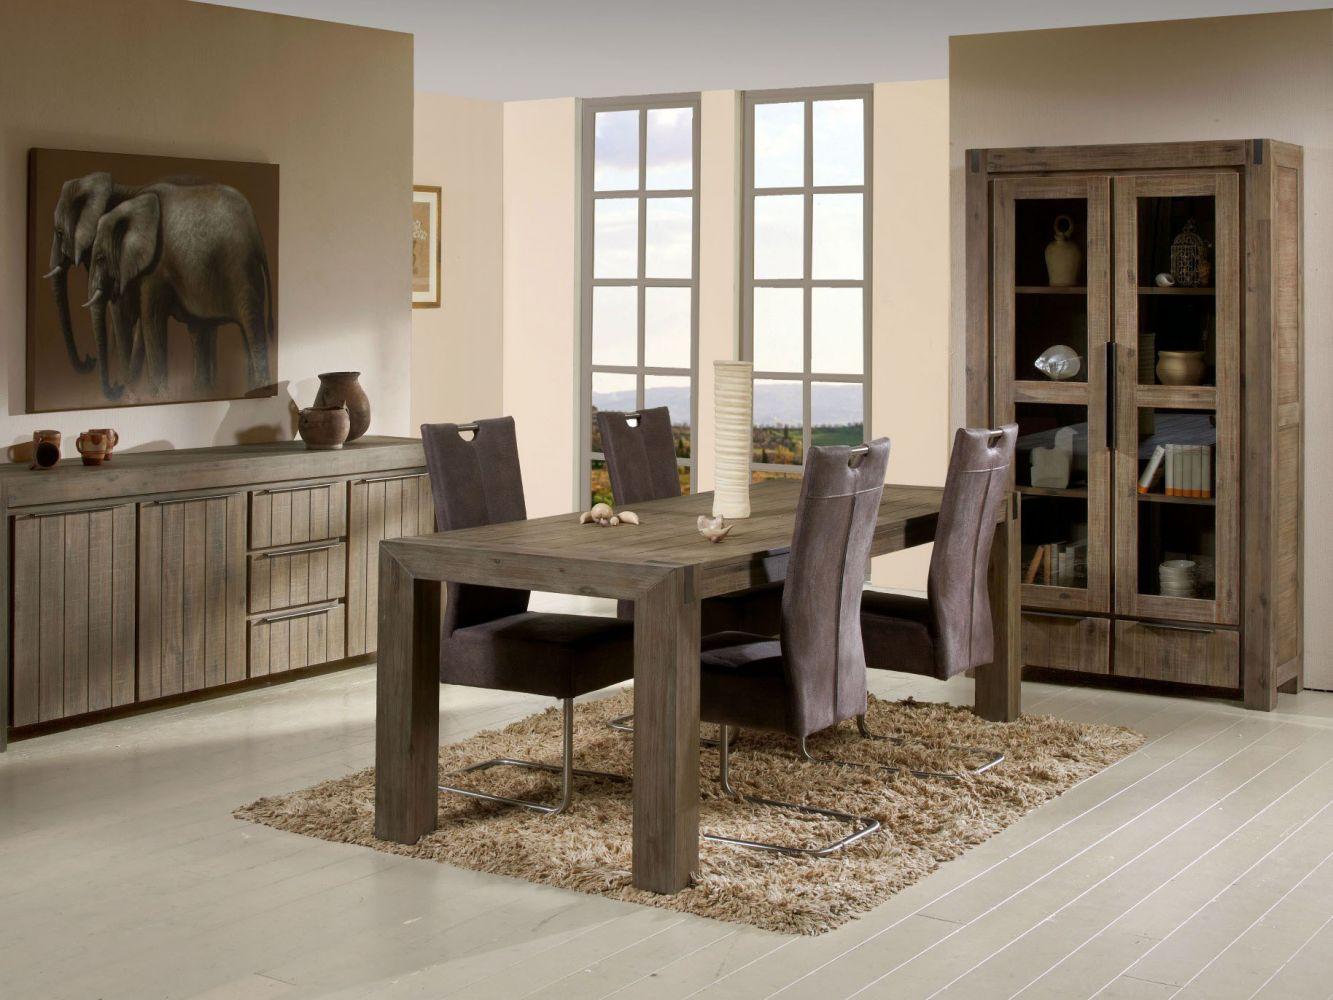 atlas fabricant de mobilier fran ais depuis 1972 meuble et d coration marseille mobilier. Black Bedroom Furniture Sets. Home Design Ideas